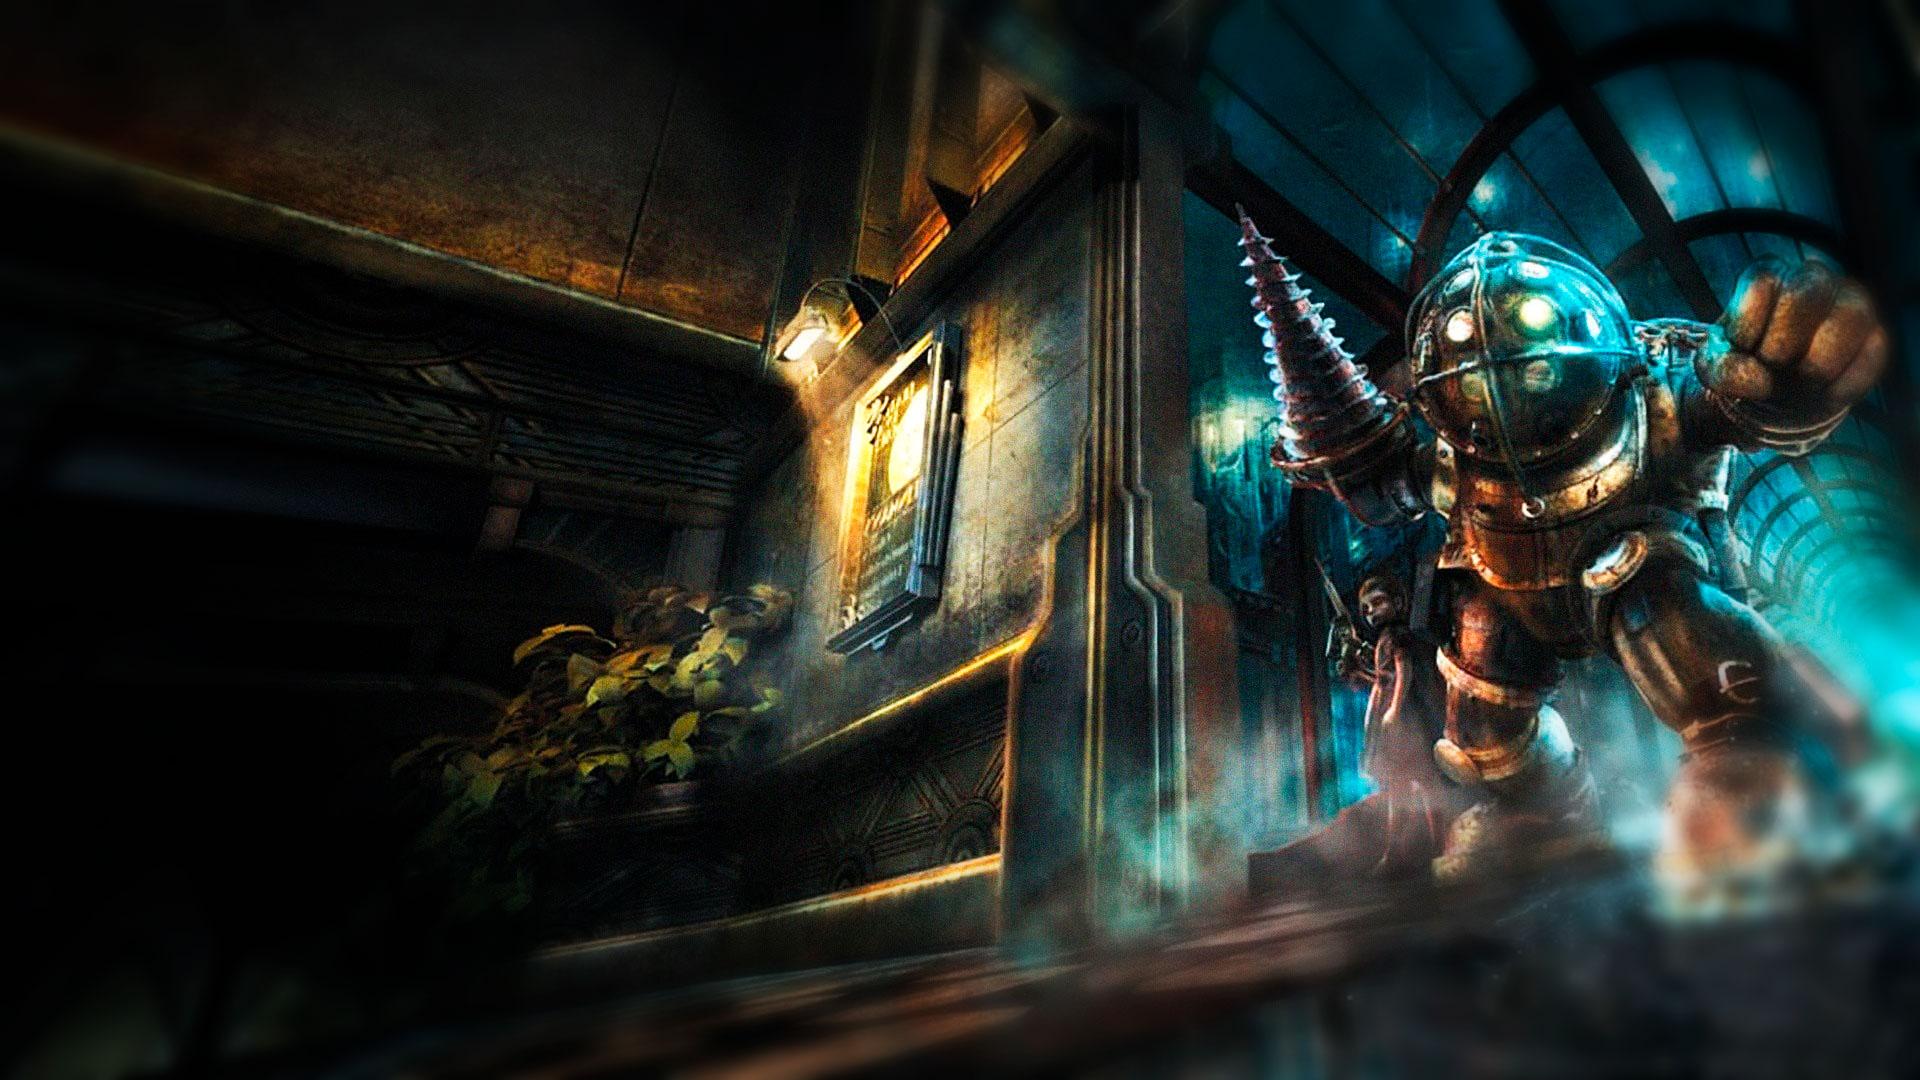 BioShock экшен в подводном мире